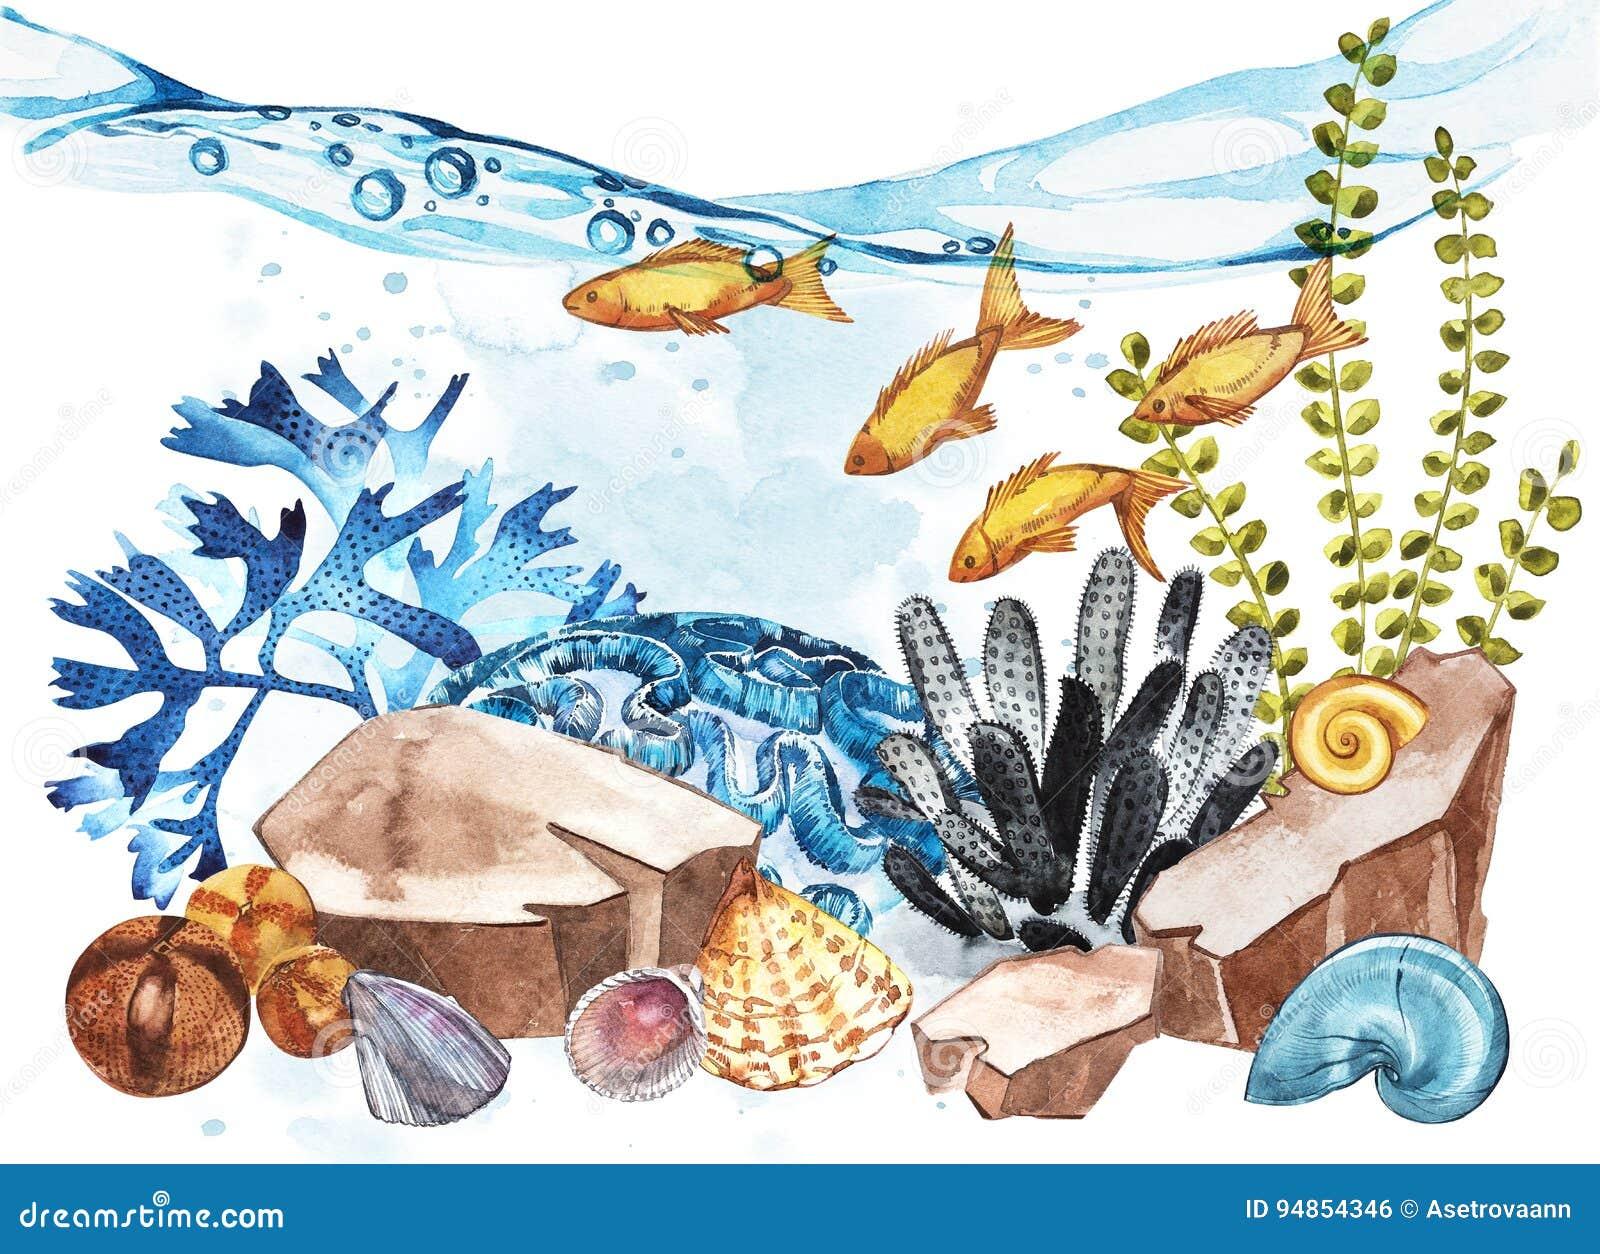 Marine Life Landscape - de oceaan en onderwaterwereld met verschillende inwoners Aquariumconcept voor affiches, T